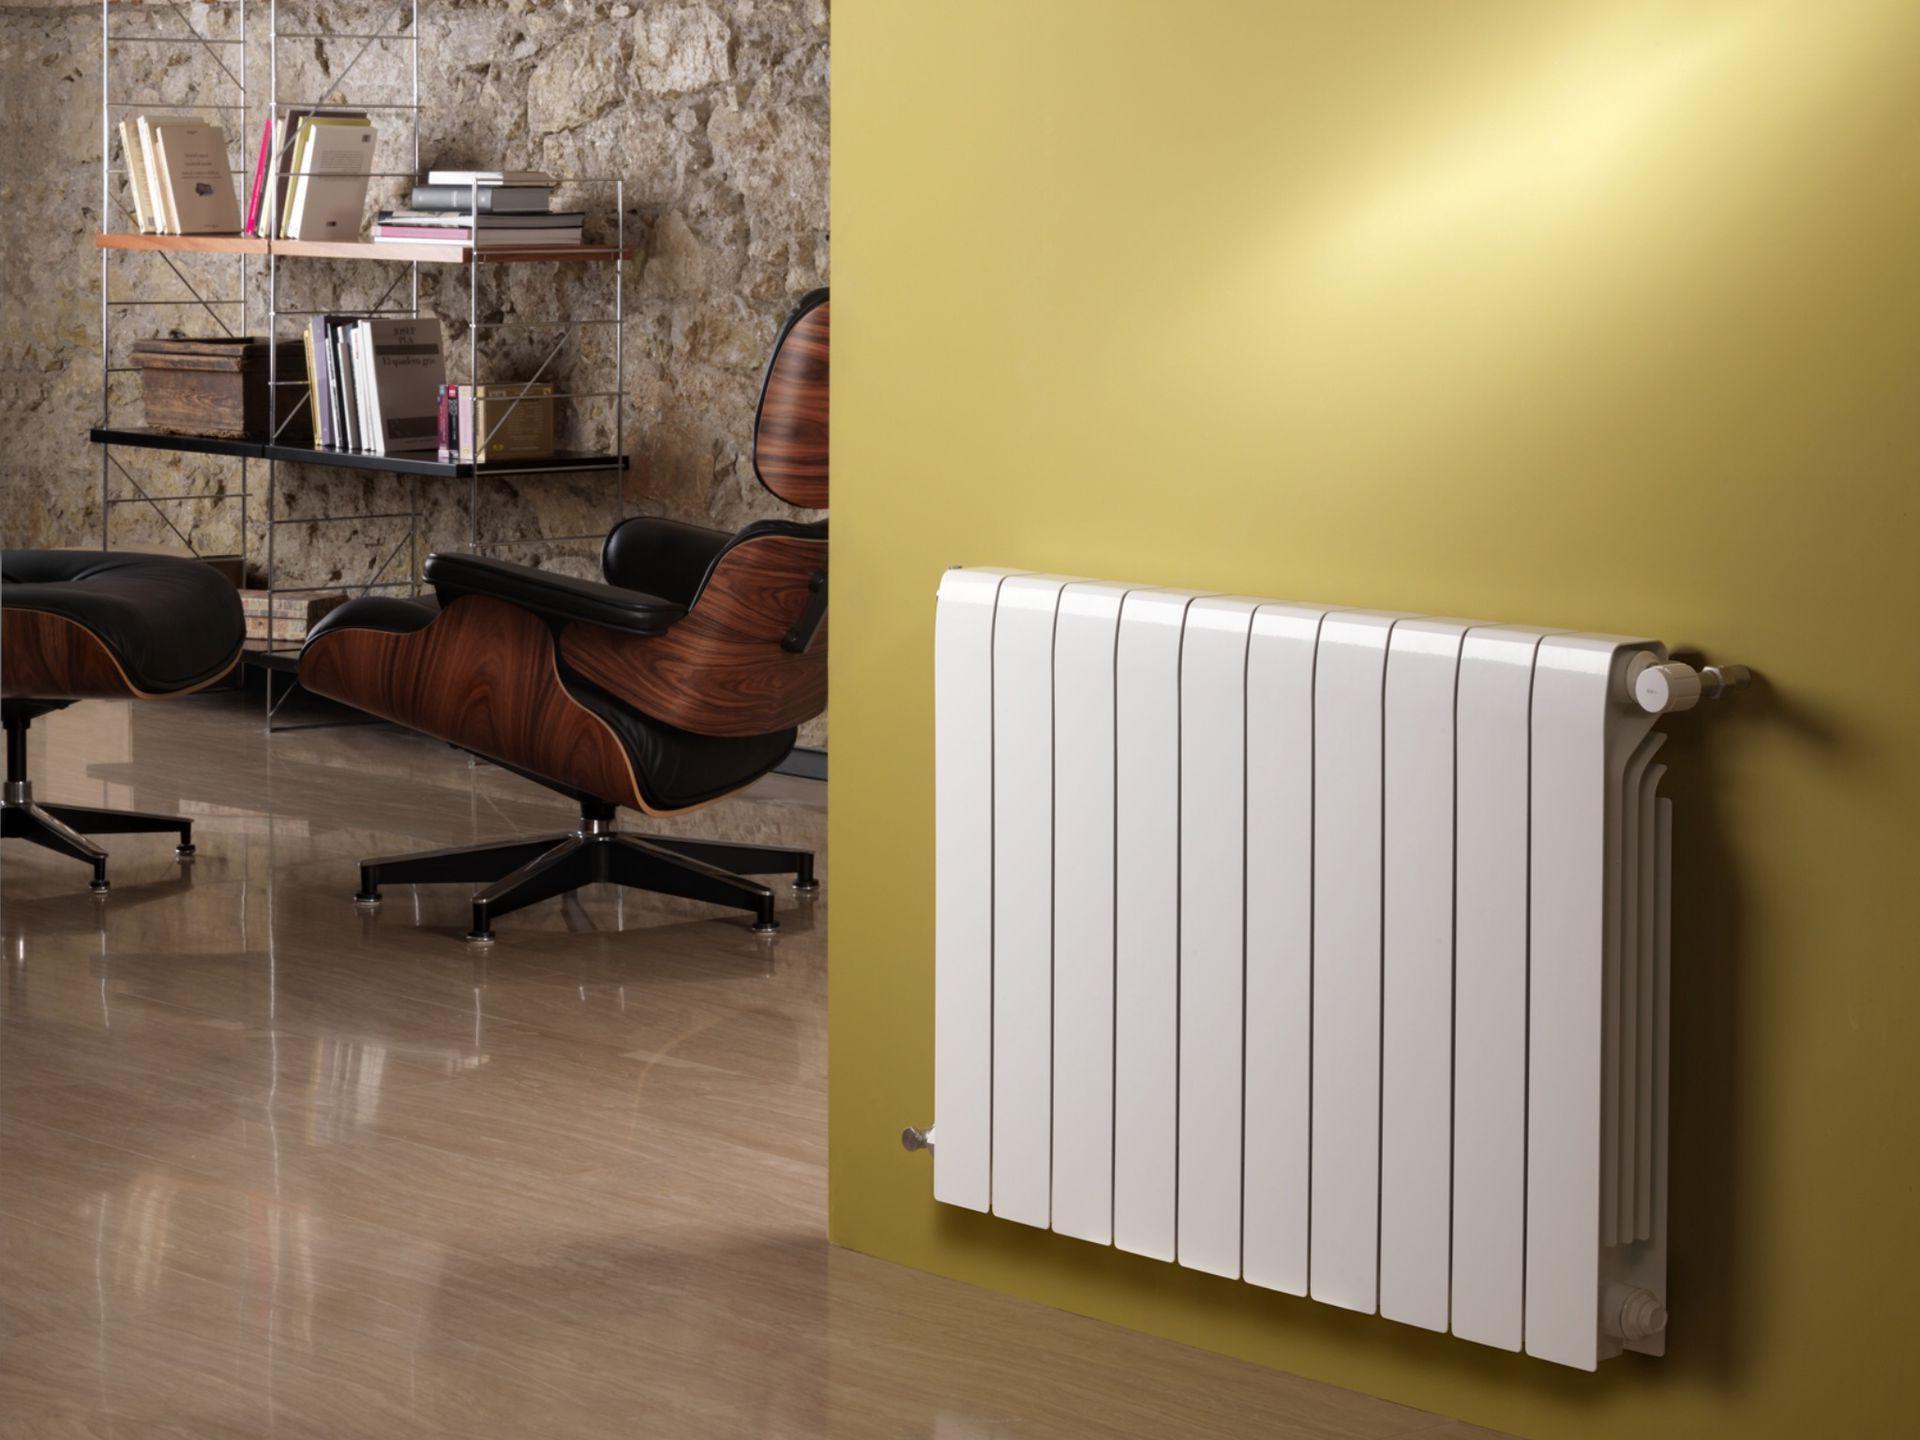 Calefacci n por radiadores uno propiedades blog for Como purgar radiadores de calefaccion